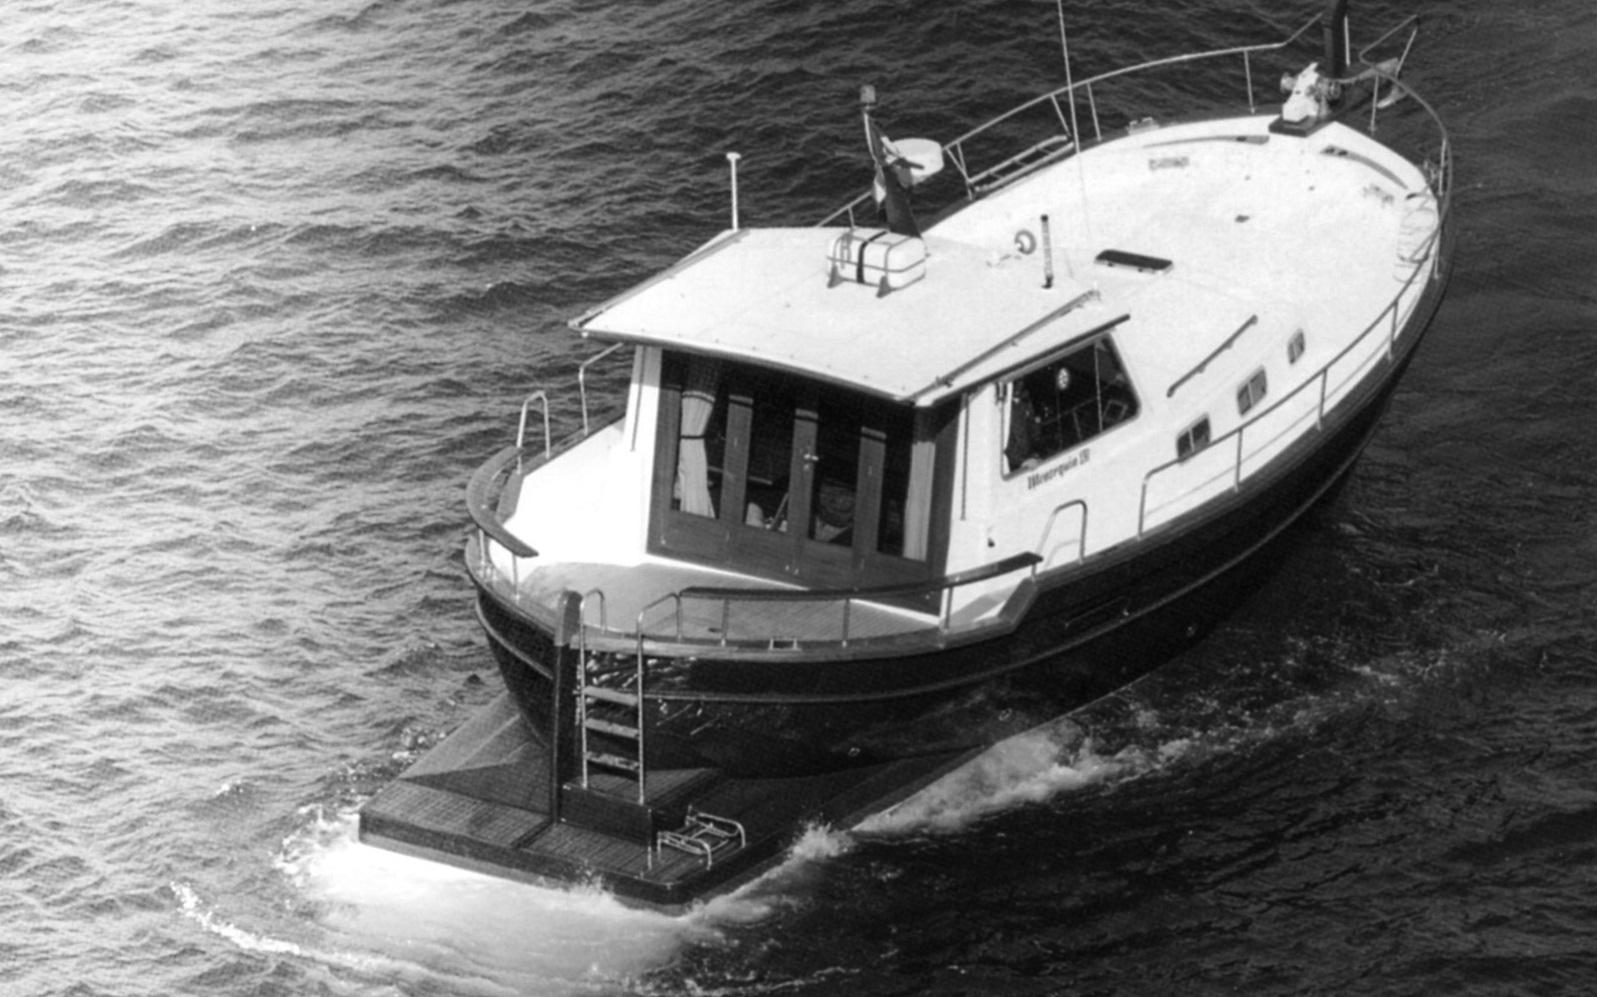 About sasga yachts and minorca yachts - history 1